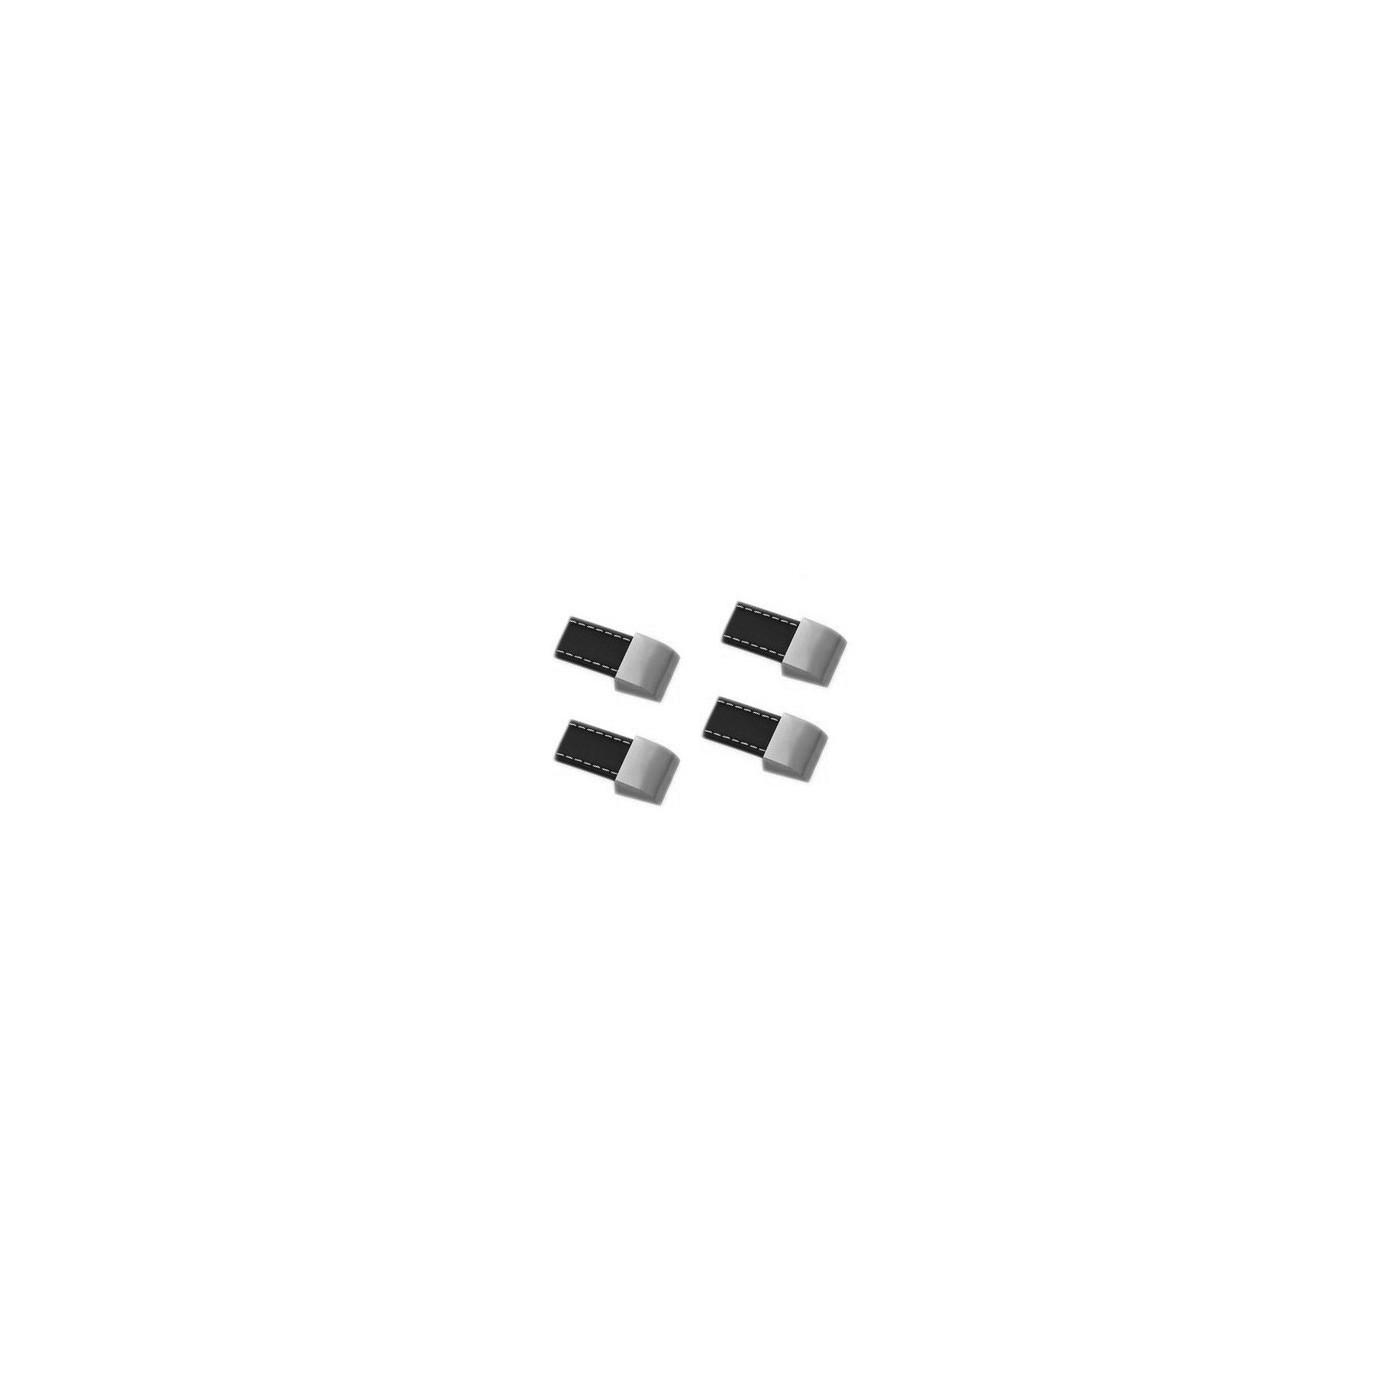 Set van 4 lederen handvaten (enkel gat, zwart)  - 1